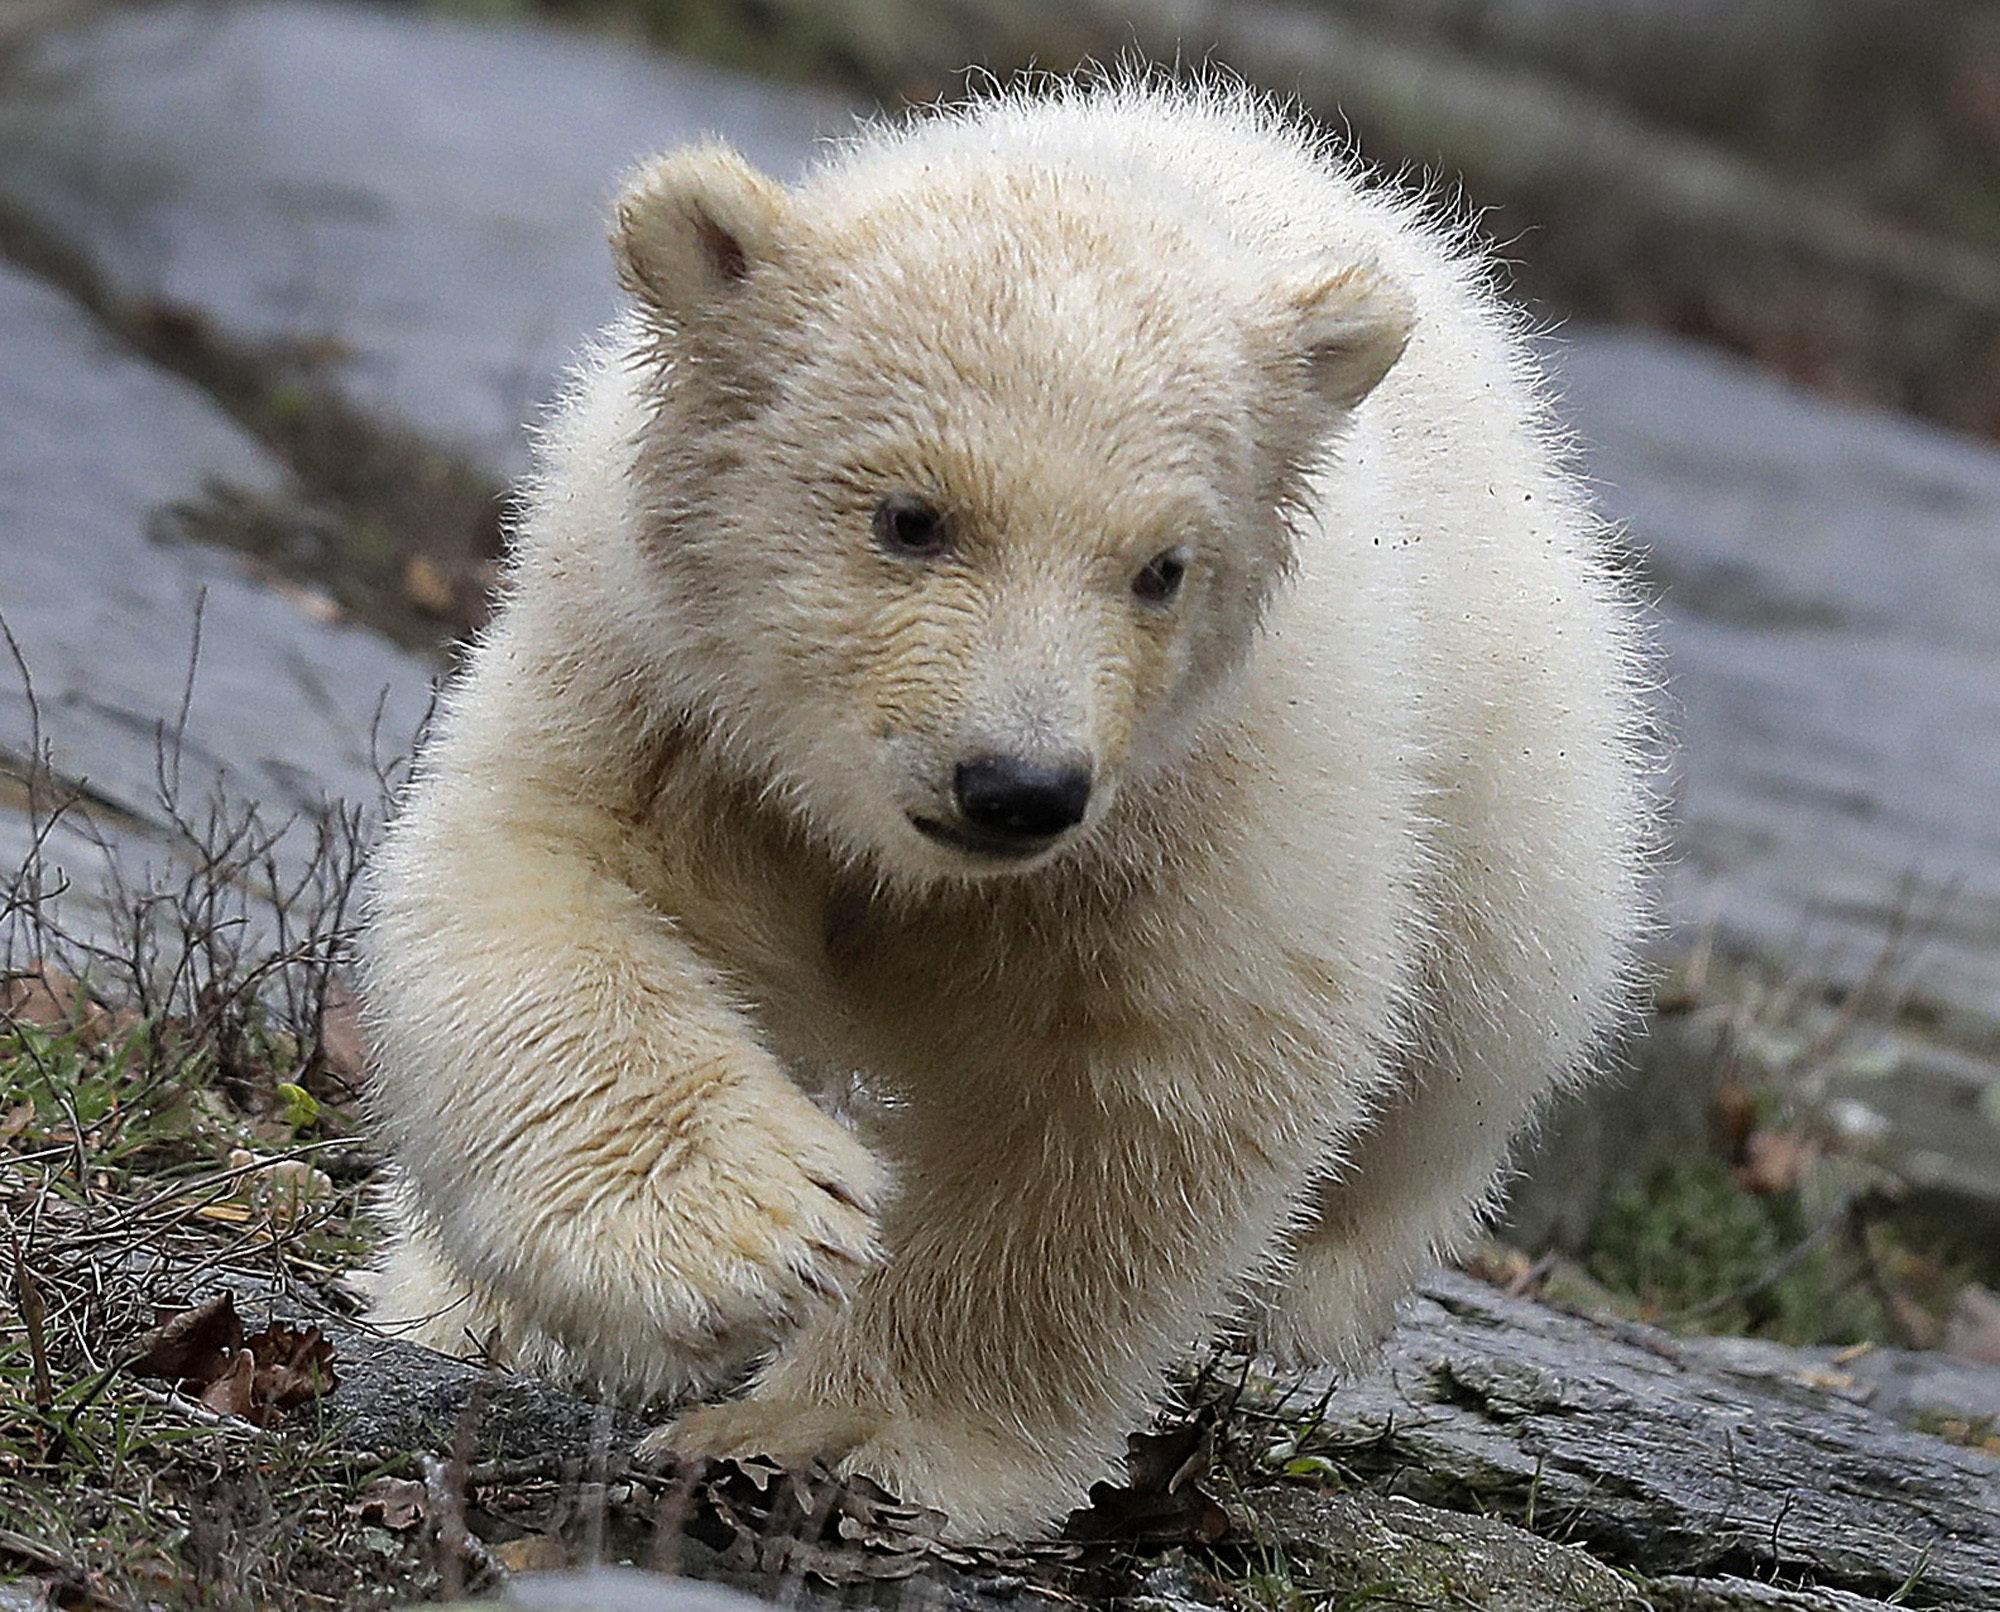 Βερολίνο: Το δημοφιλές πολικό αρκουδάκι κάνει τα πρώτα του βήματα στον ζωολογικό